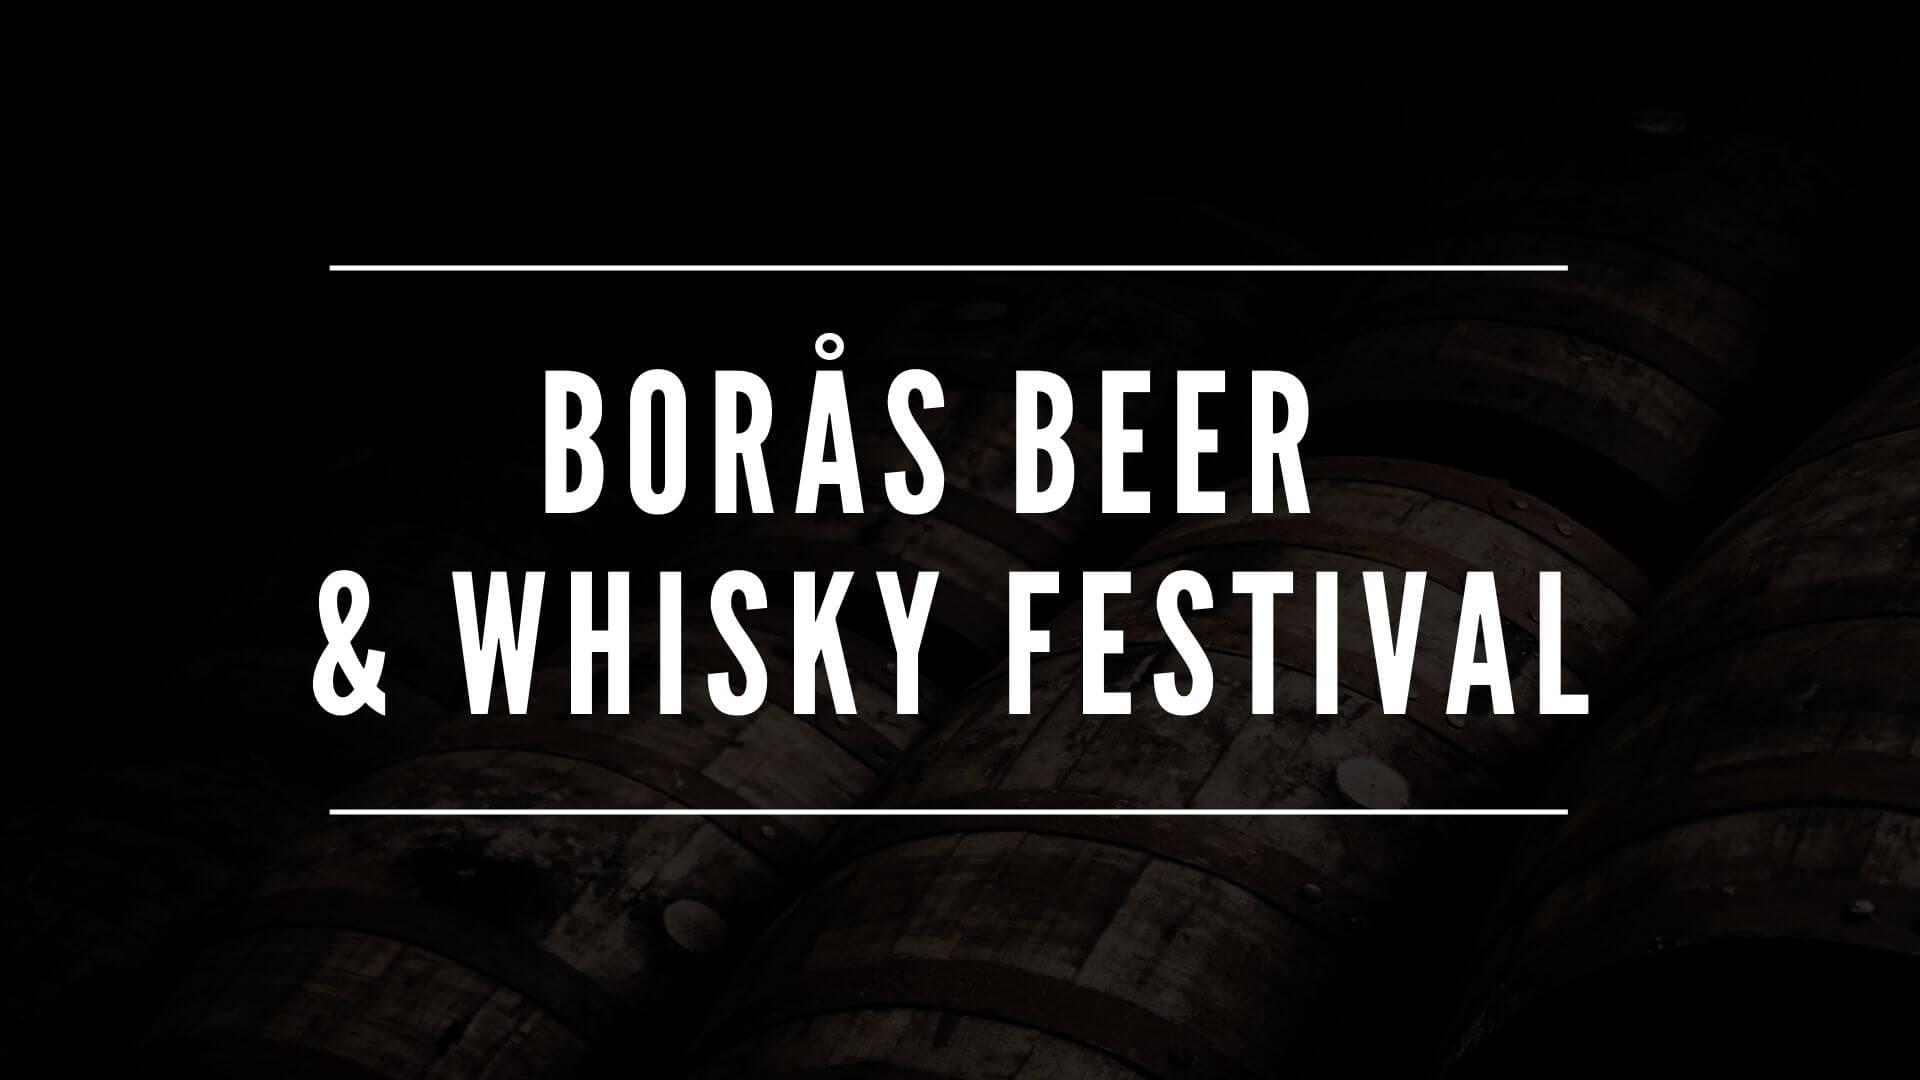 Borås Beer & Whisky Festival